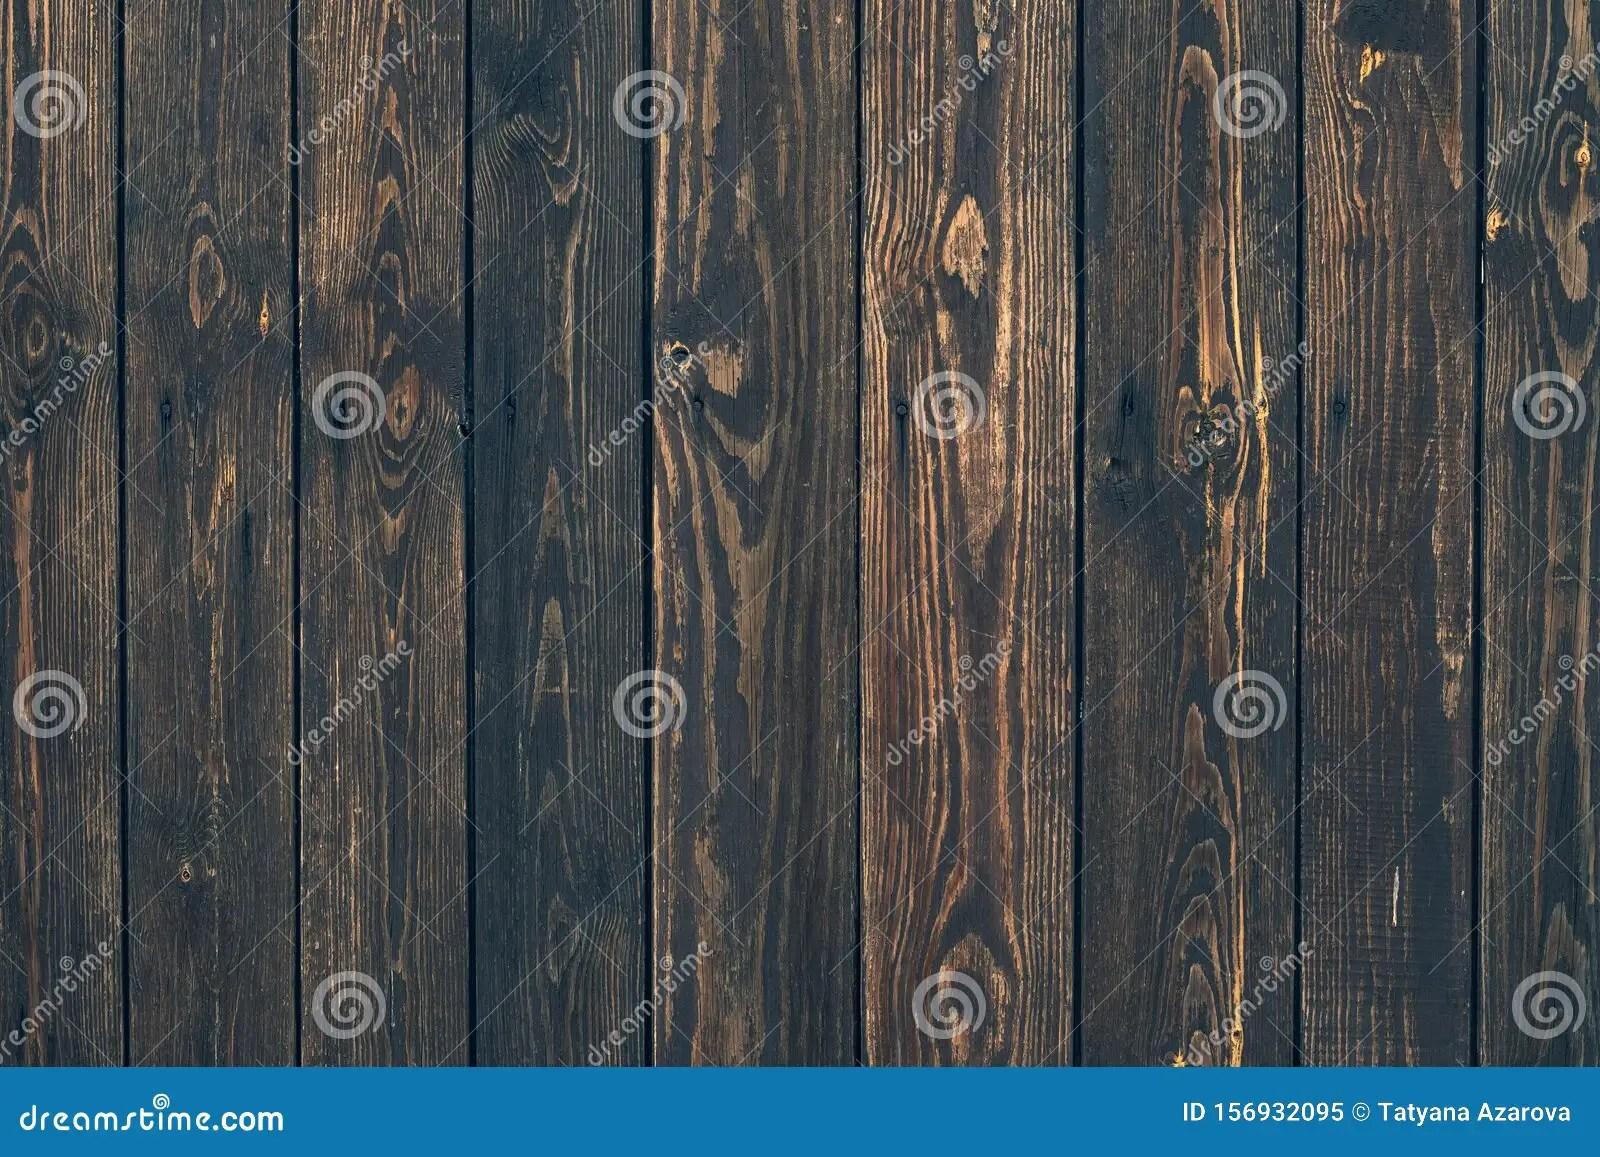 planches verticales en bois fonce plan